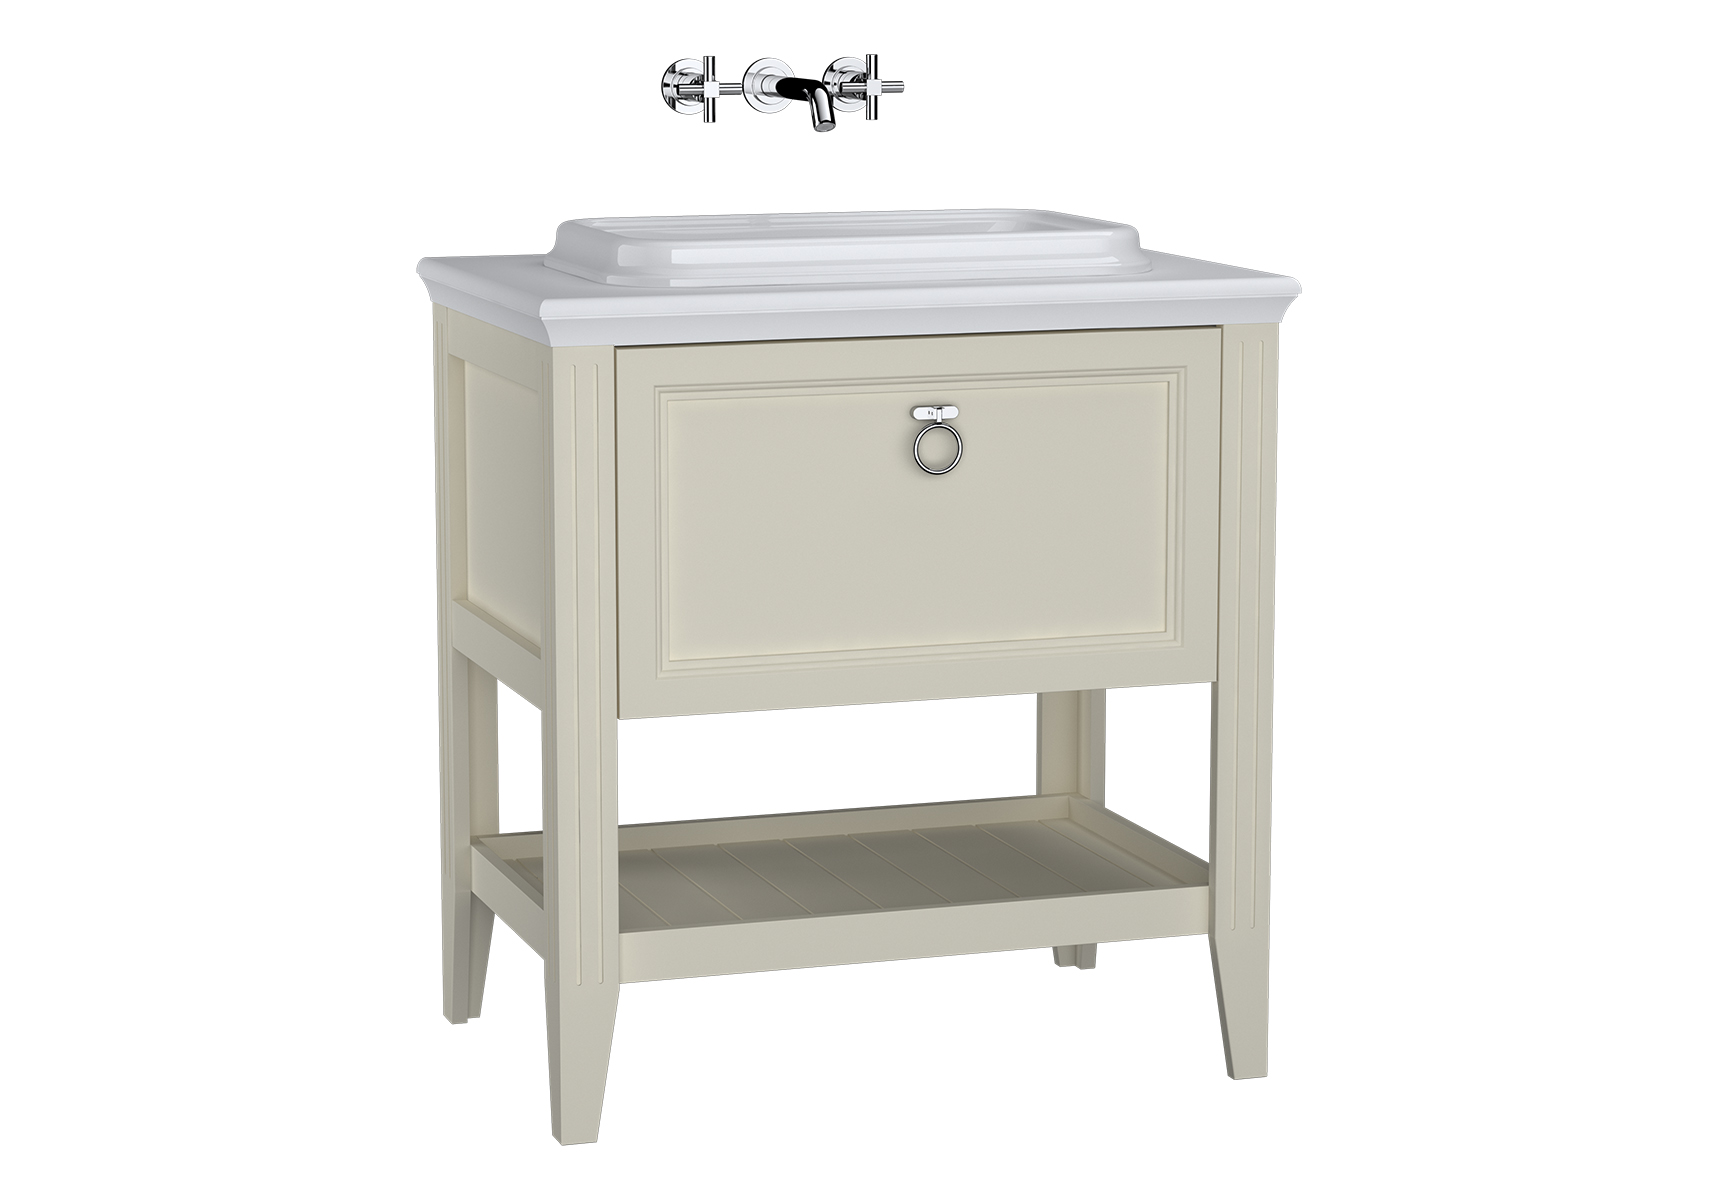 Valarte meuble sous vasque encastrée, 80 cm, avec tiroir, ivoire mat